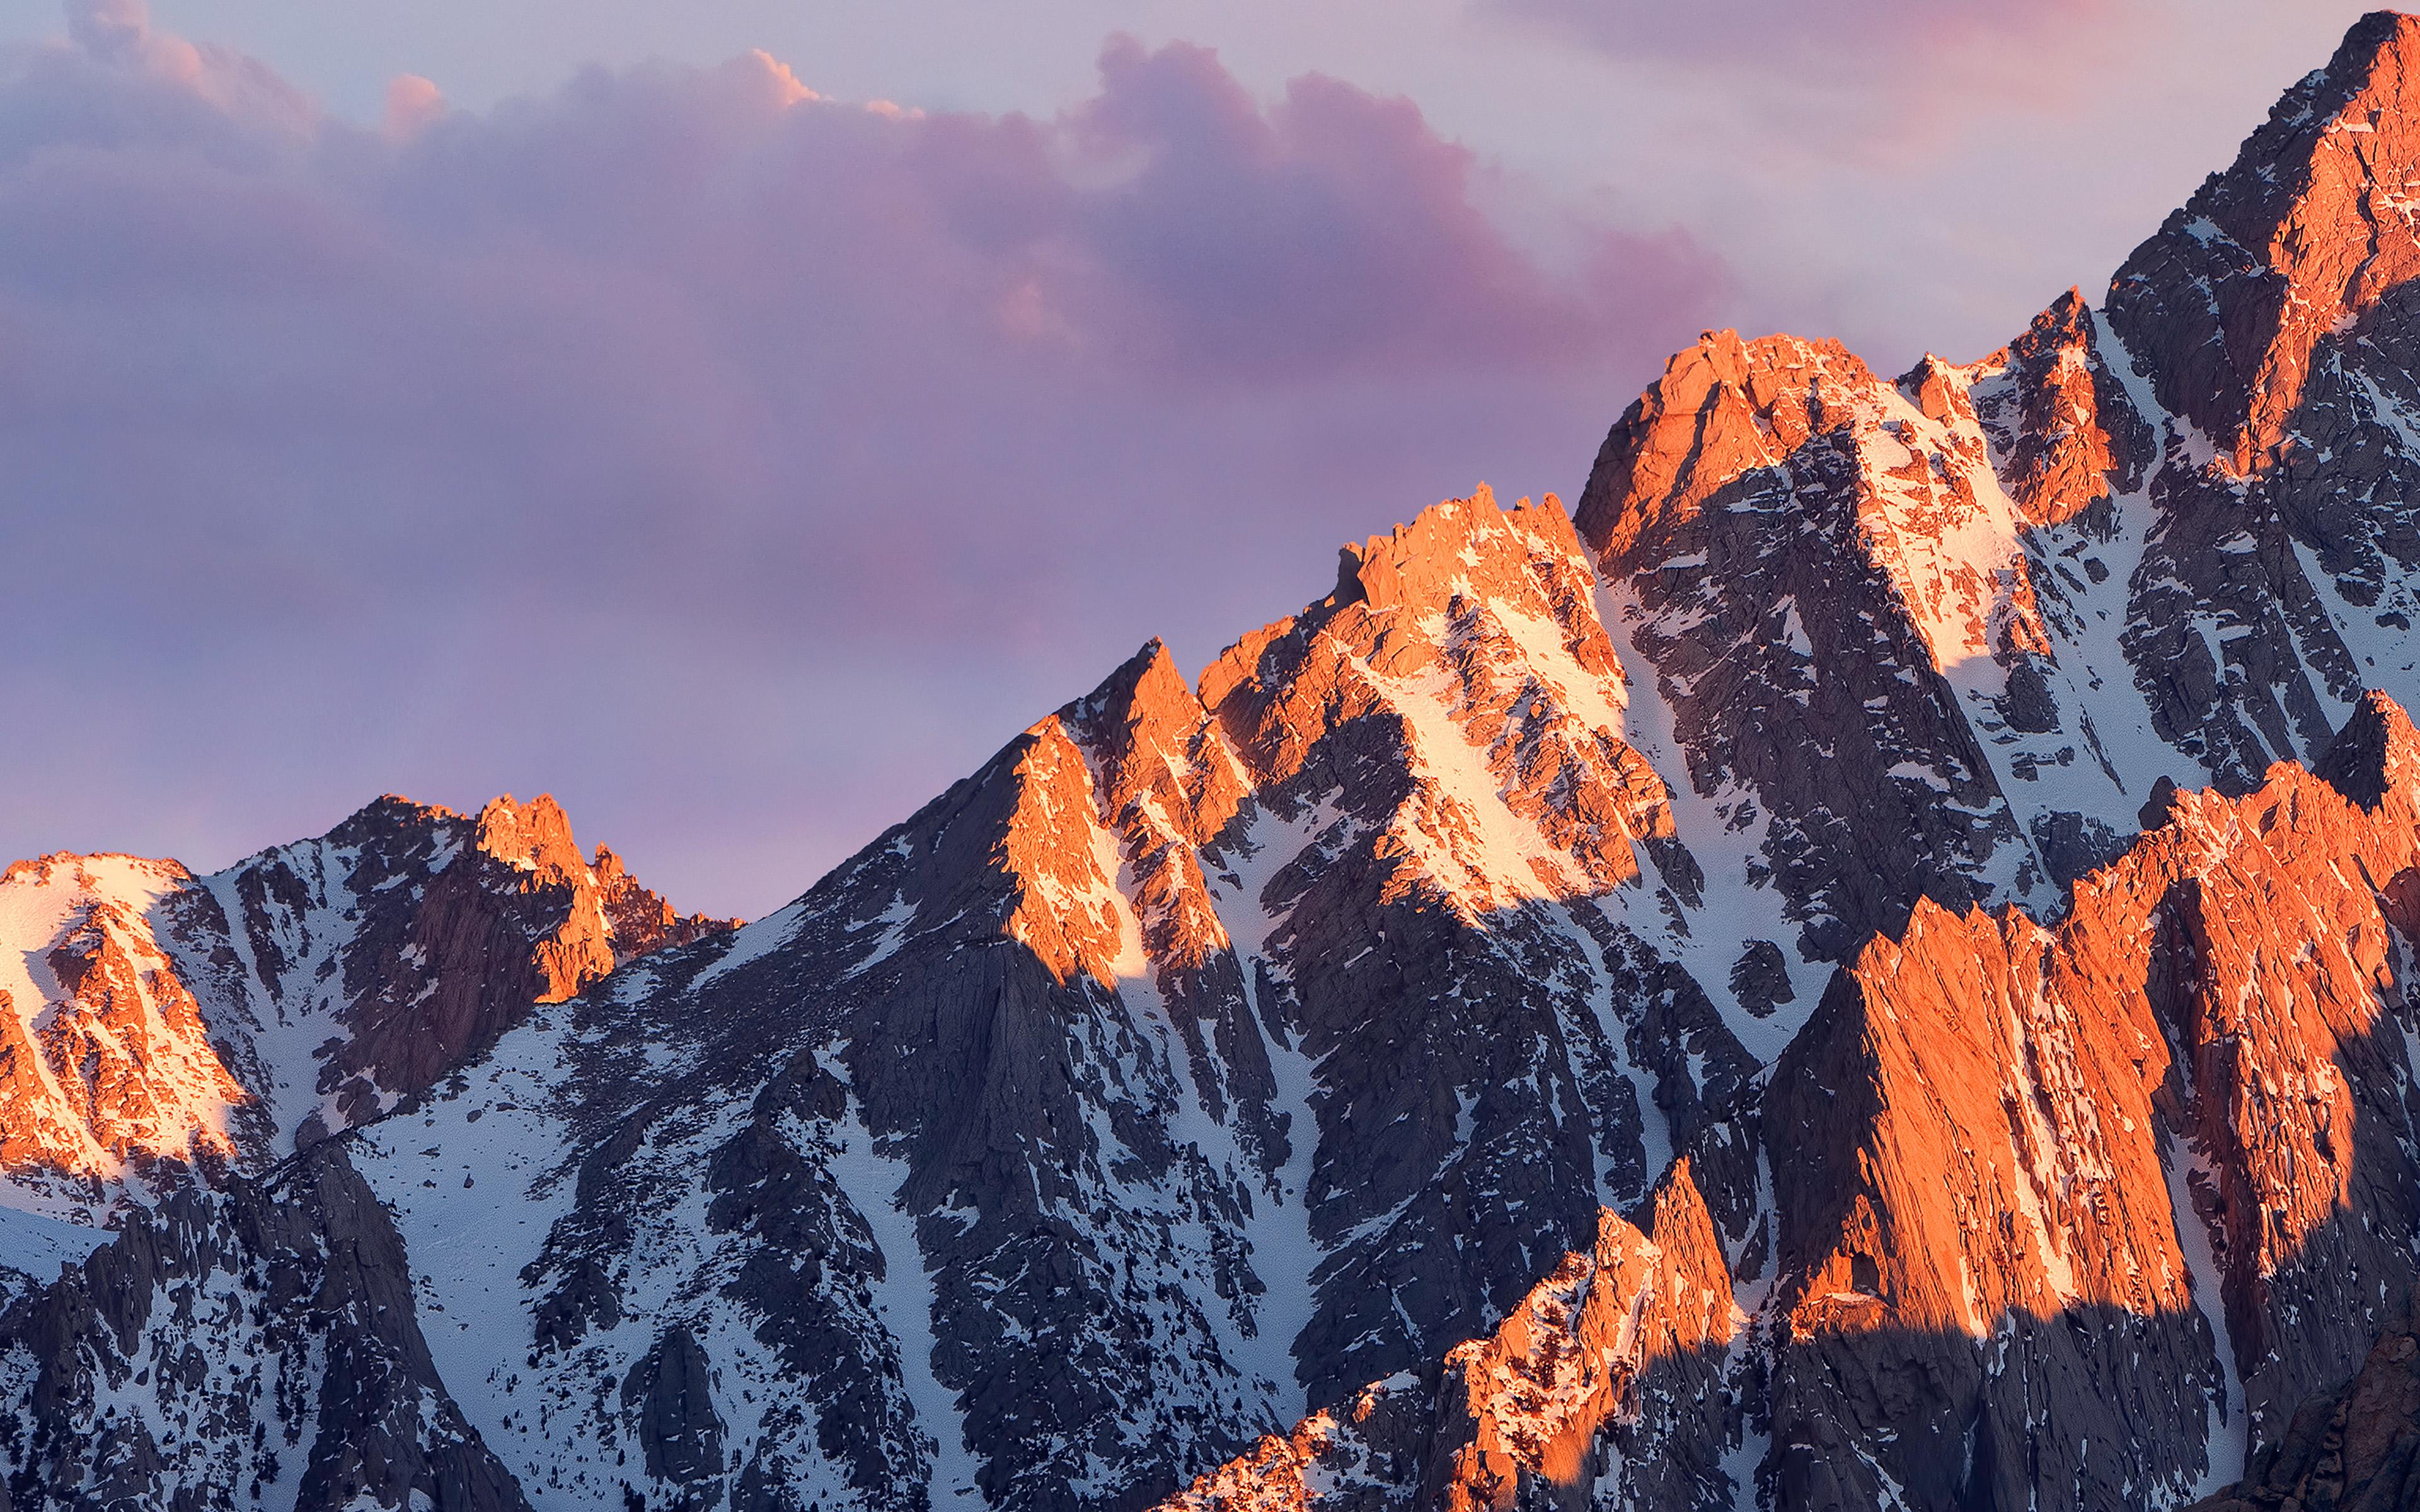 2560x1080 Fall Mountain Wallpaper Ar66 Macos Sierra Apple Art Background Wwdc Mountain Wallpaper